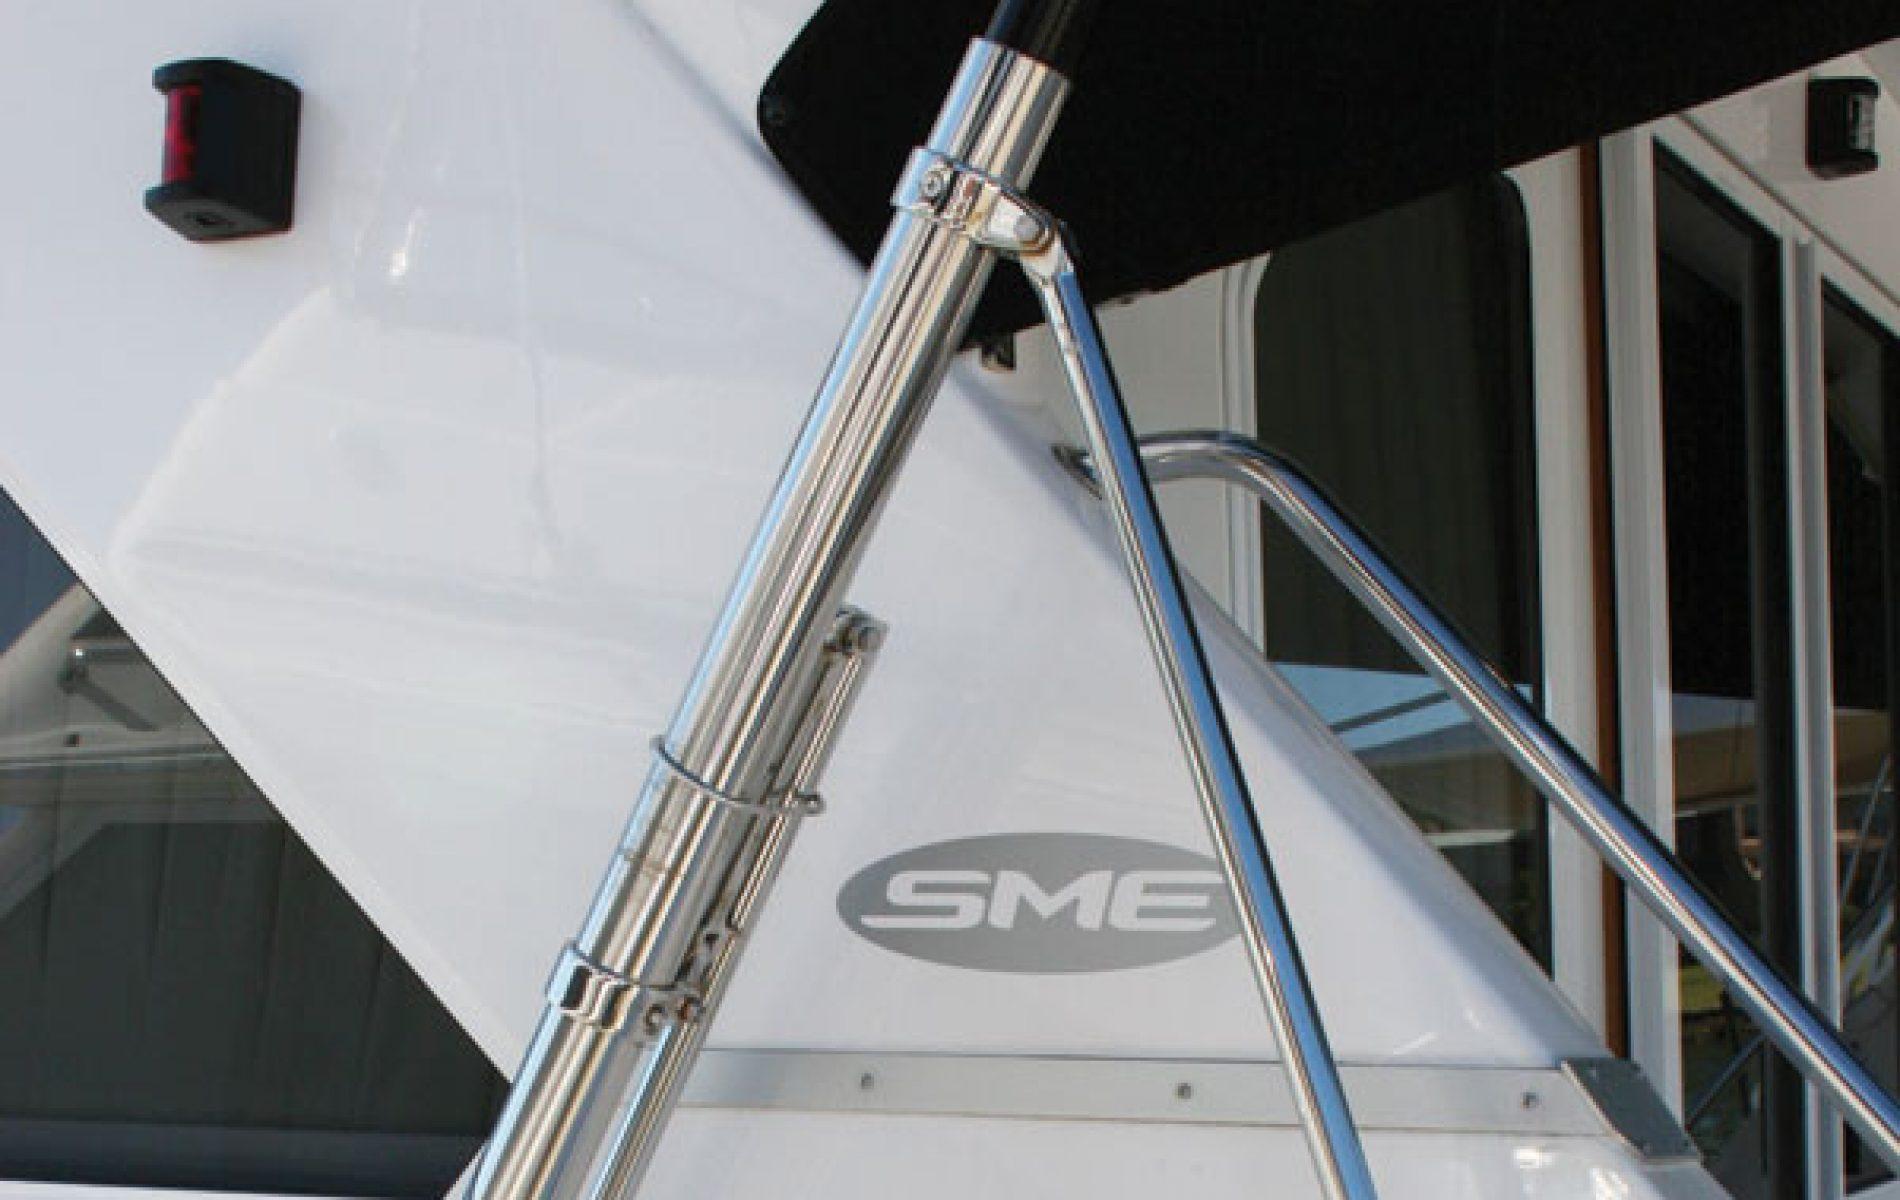 SME02-1900x1200.jpg